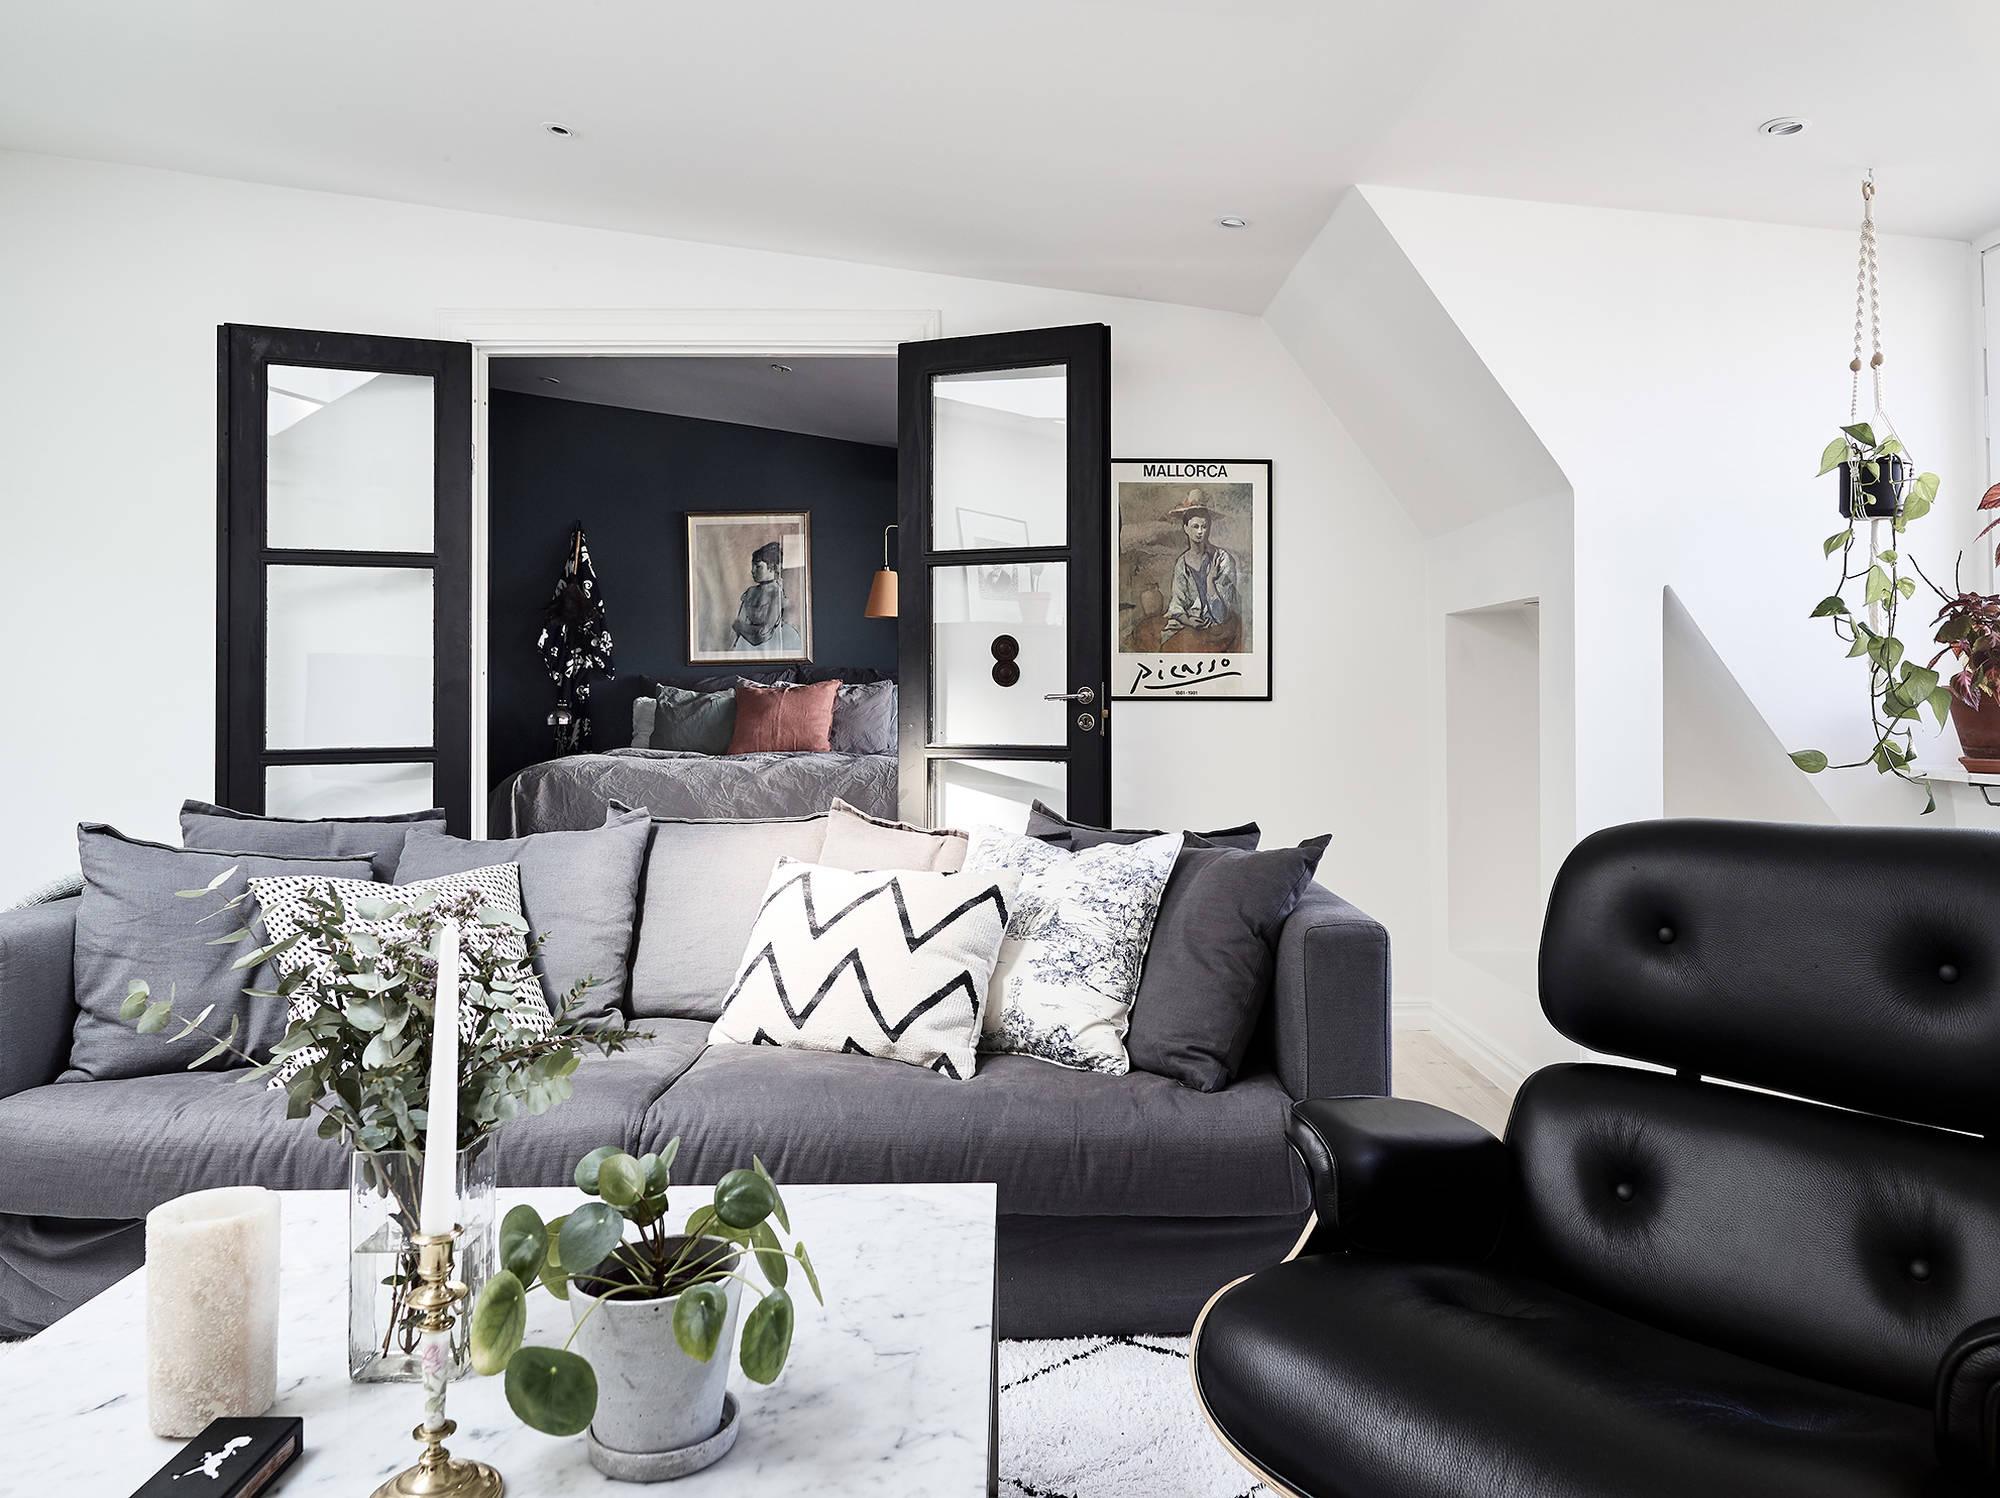 Scandinavische Kleuren Slaapkamer : Slaapkamer kleuren slaapkamer ideeën